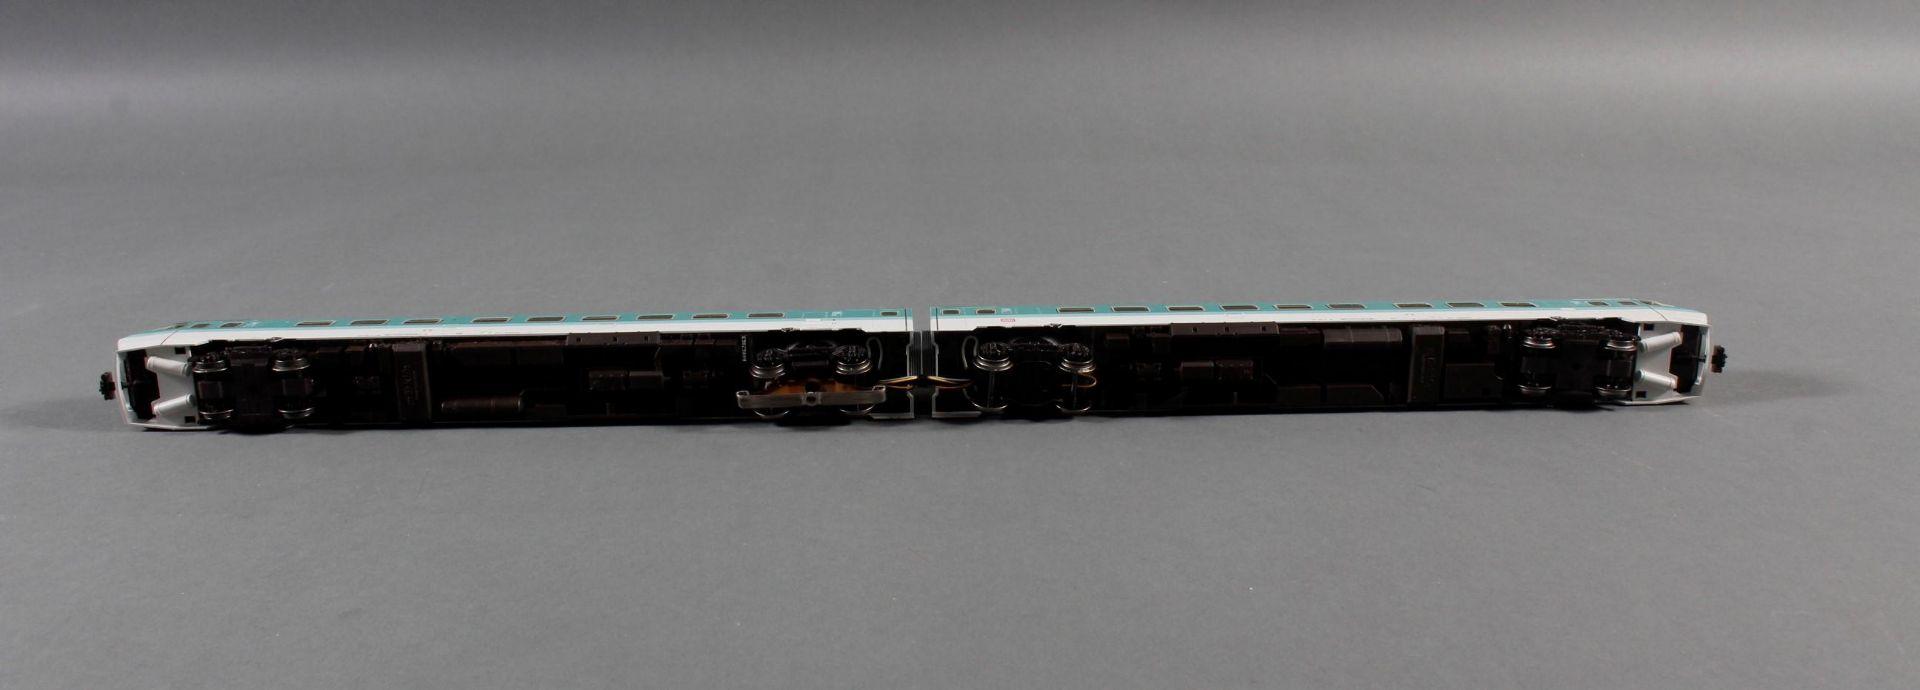 Märklin 3776 digital Triebwagen BR 610 - Bild 4 aus 4